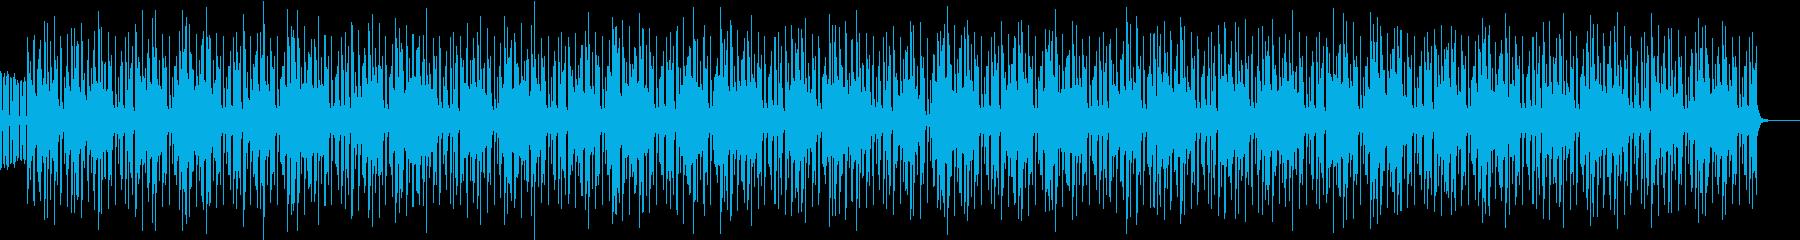 サイファービート2 8小節×8回の再生済みの波形